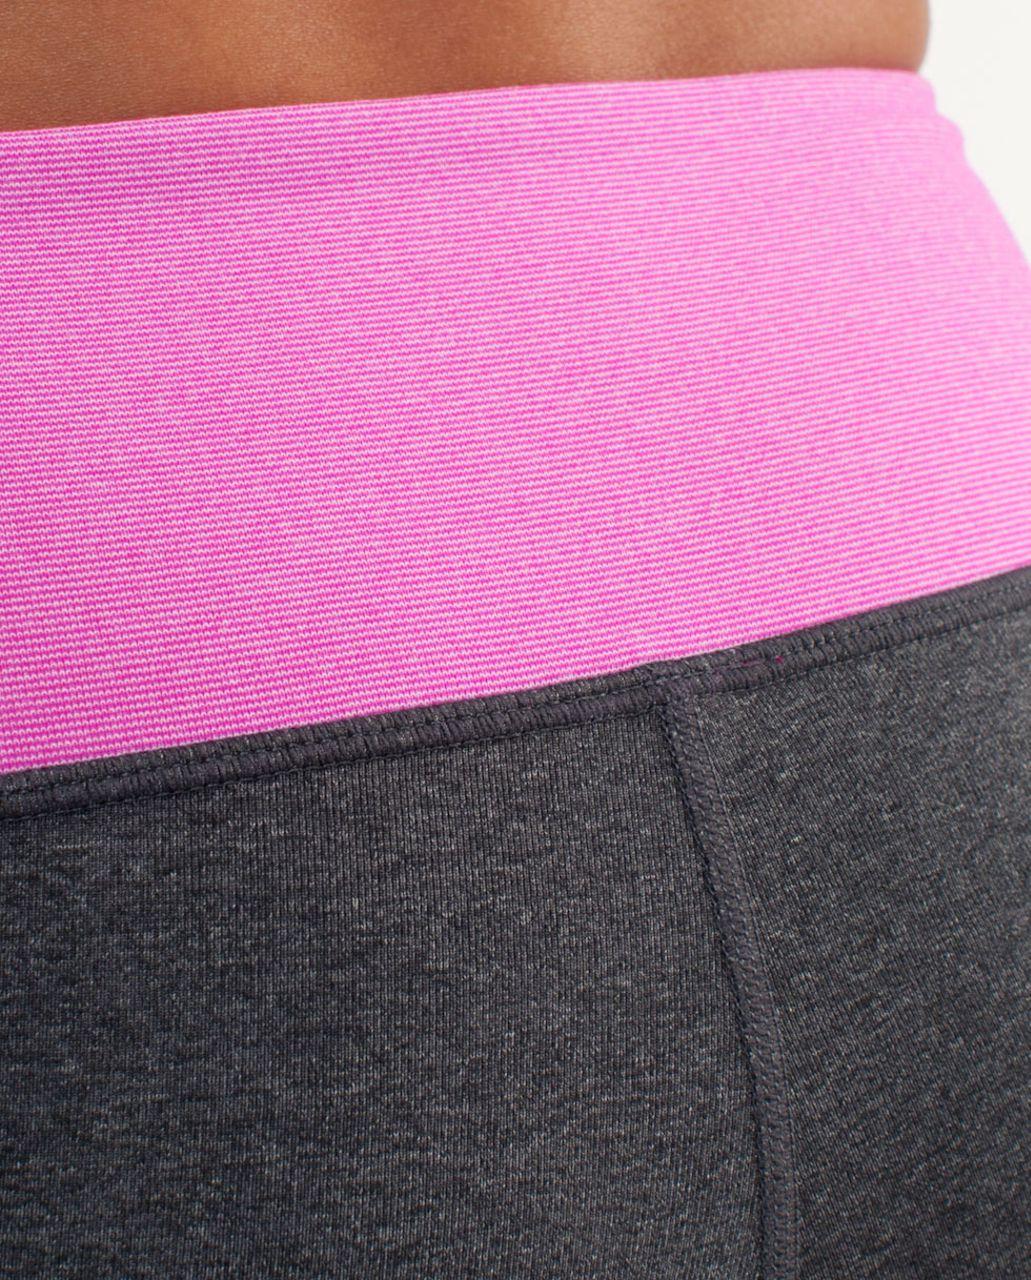 Lululemon Boogie Short - Heathered Coal /  Paris Pink White Microstripe /  Paris Pink